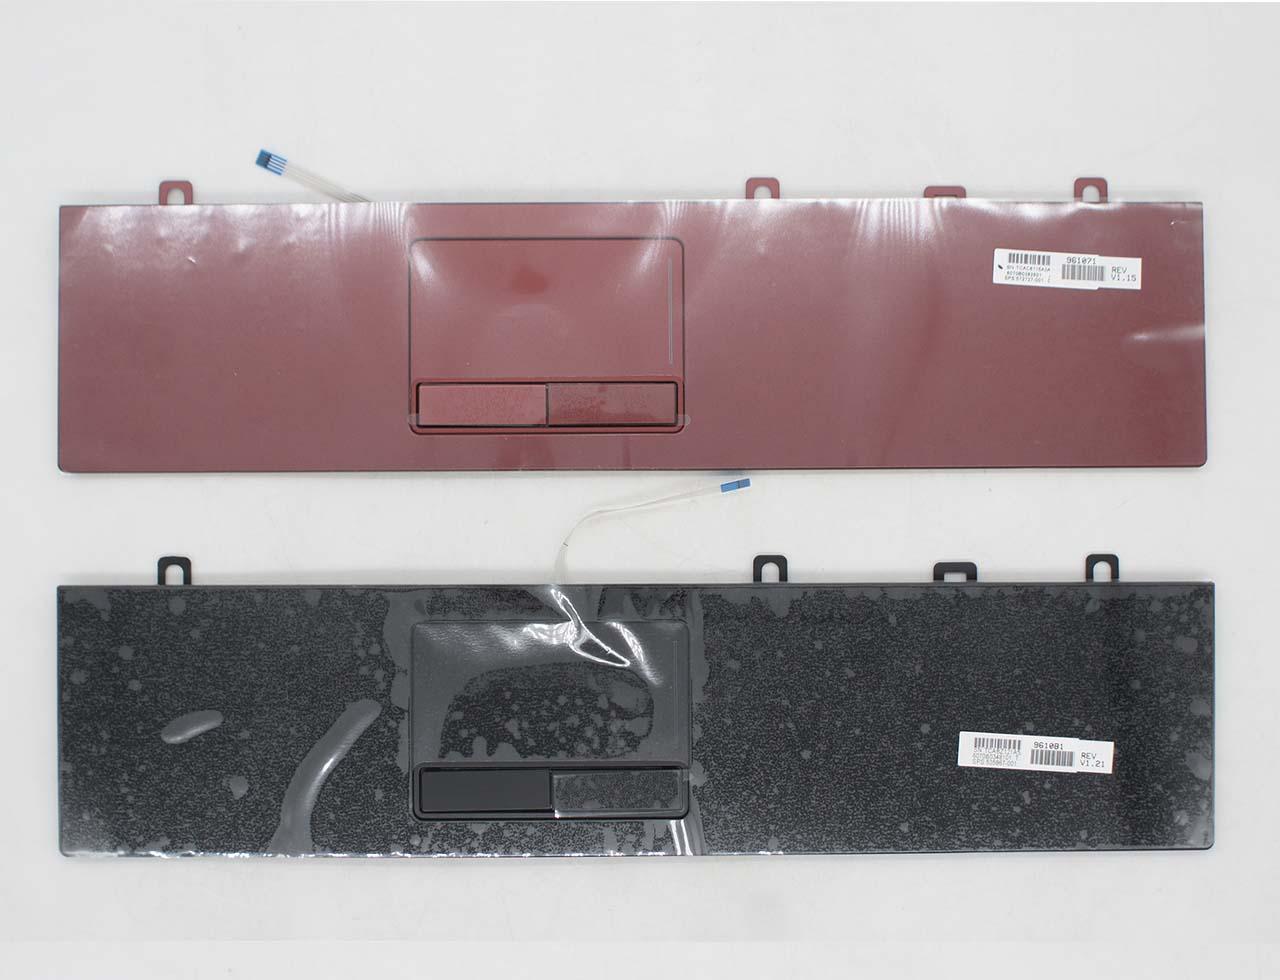 惠普HP ProBook 4410s 4411s 4415s 4416s 4510s 4515s and 4710s 笔记本掌托触摸鼠标板左右按键